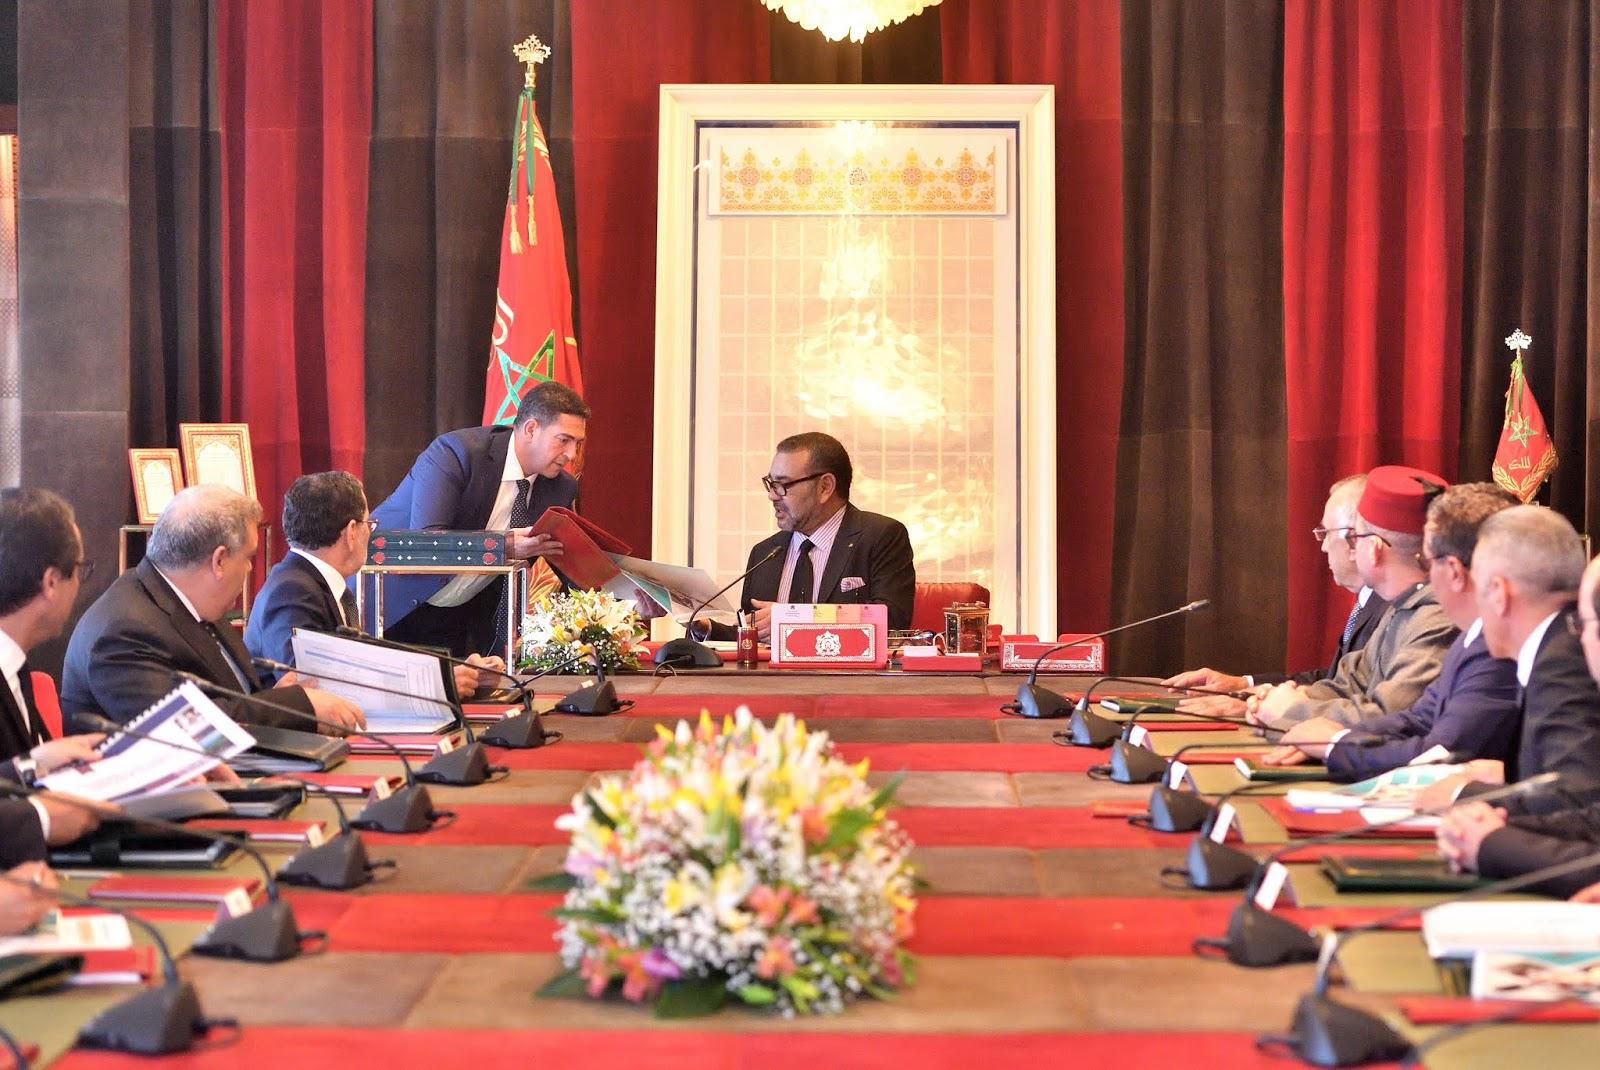 العاهل المغربي يترأس جلسة عمل حول برنامج تأهيل عرض التكوين المهني وتجديد الشعب والمناهج البيداغوجية